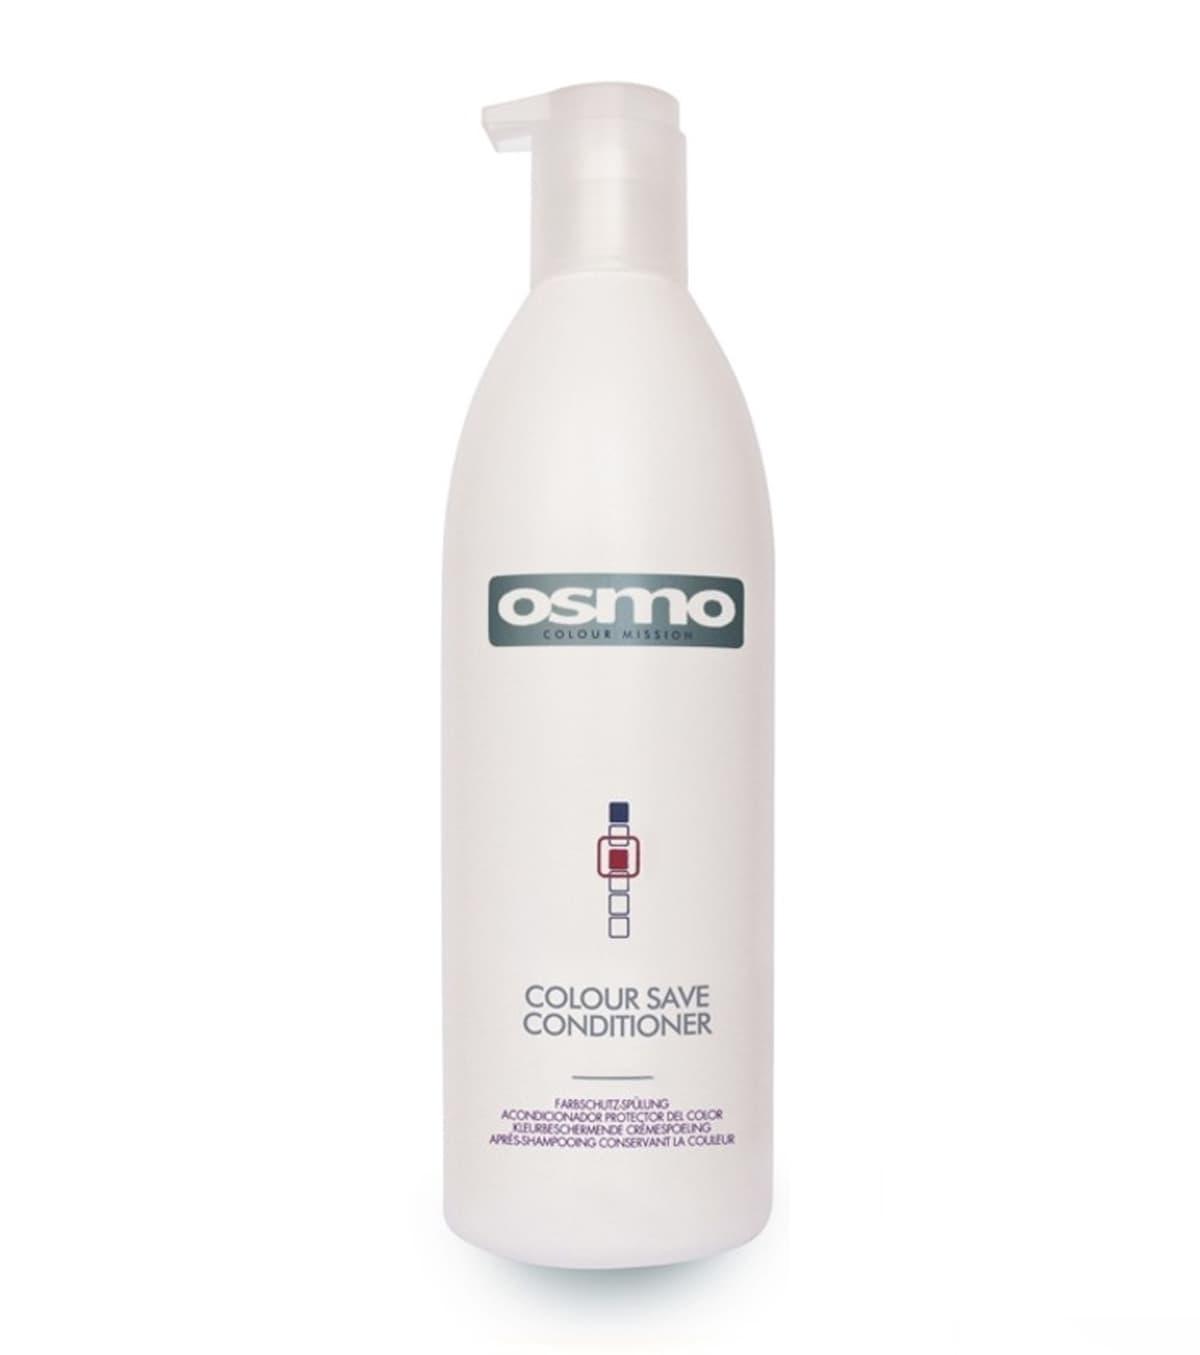 Colour Save Conditioner Кондиционер Для Окрашенных Волос